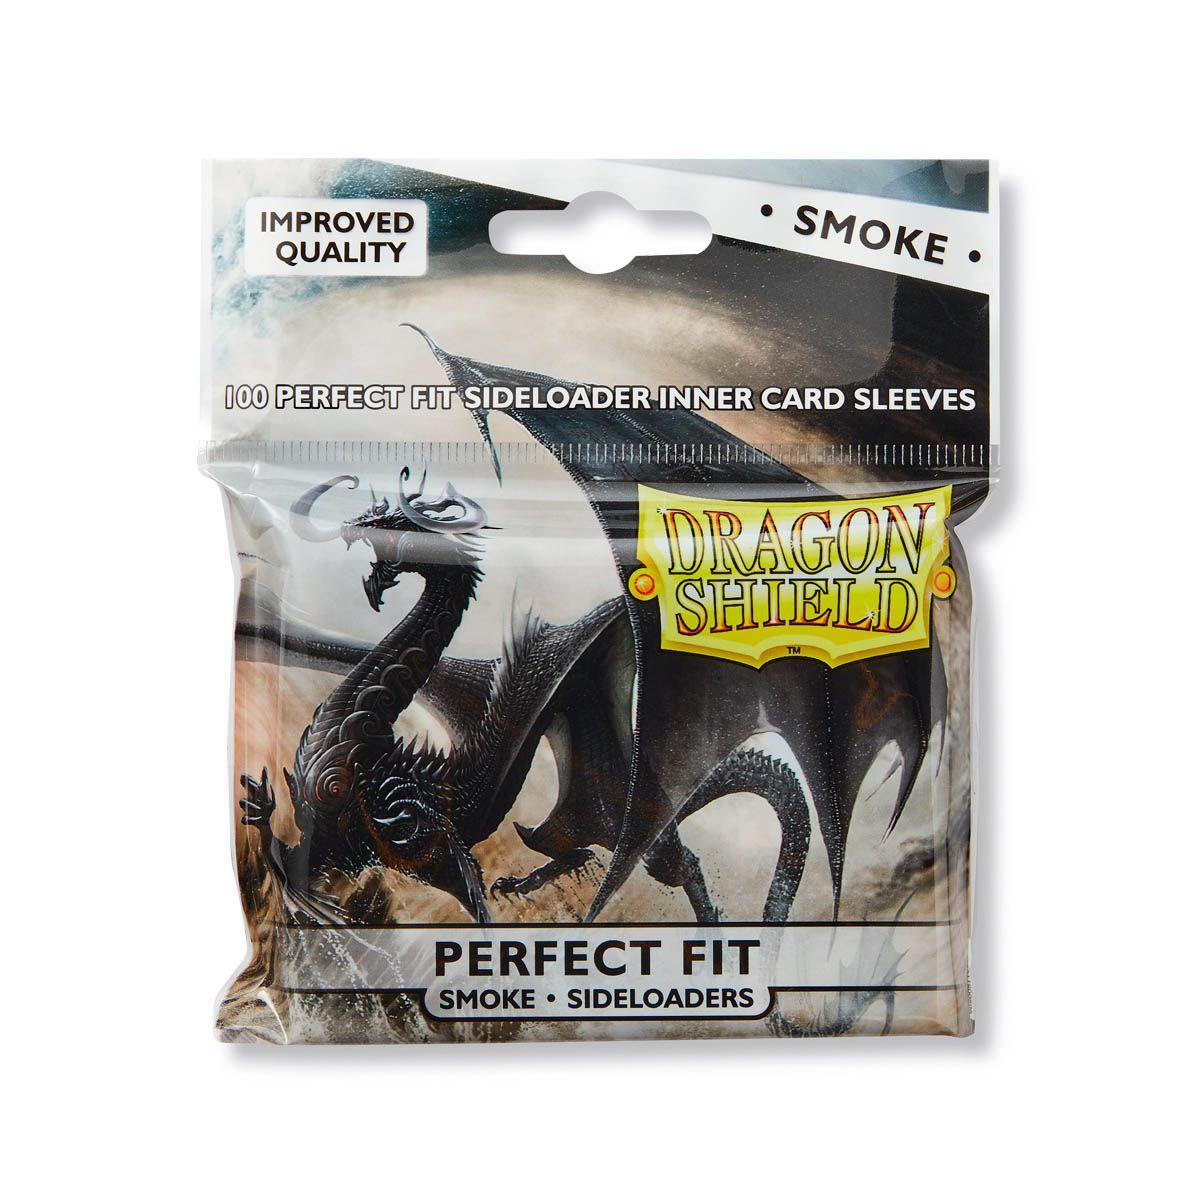 Perfect Fit Sideloader Smoke - Dragon Shield